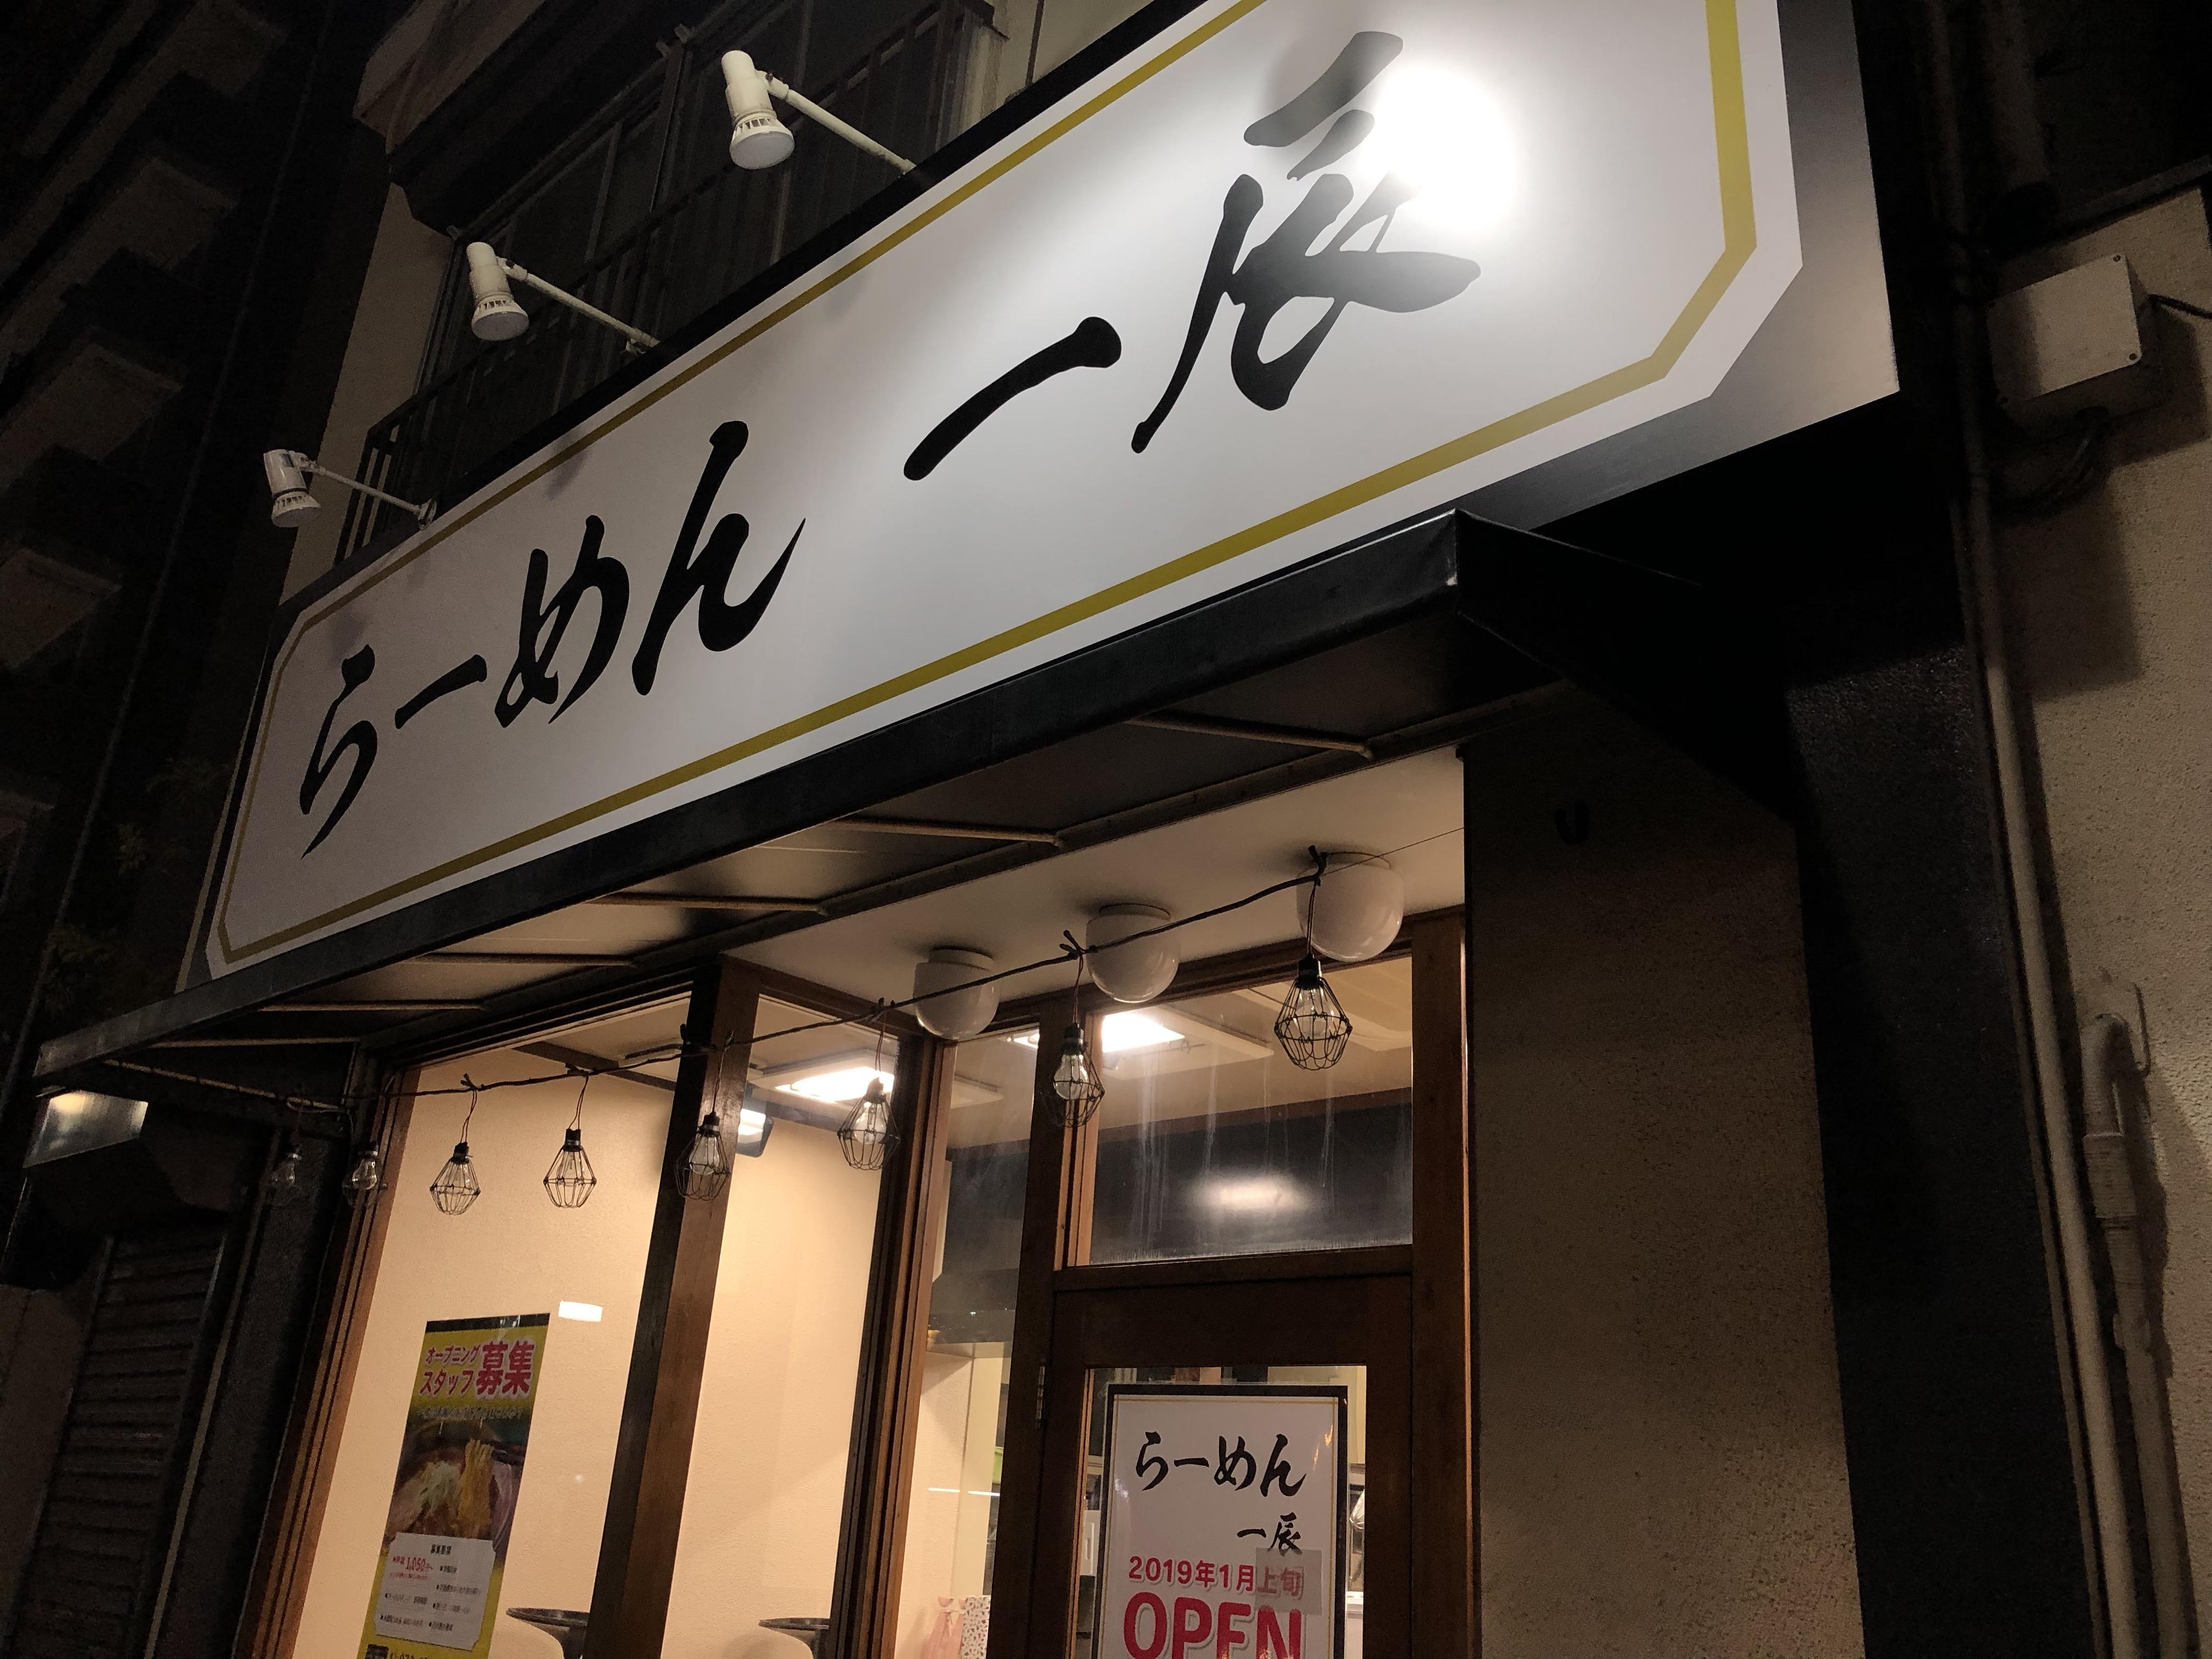 らーめん一辰@亀有でラーマガ限定「NAKED」10月31日まで発売中!